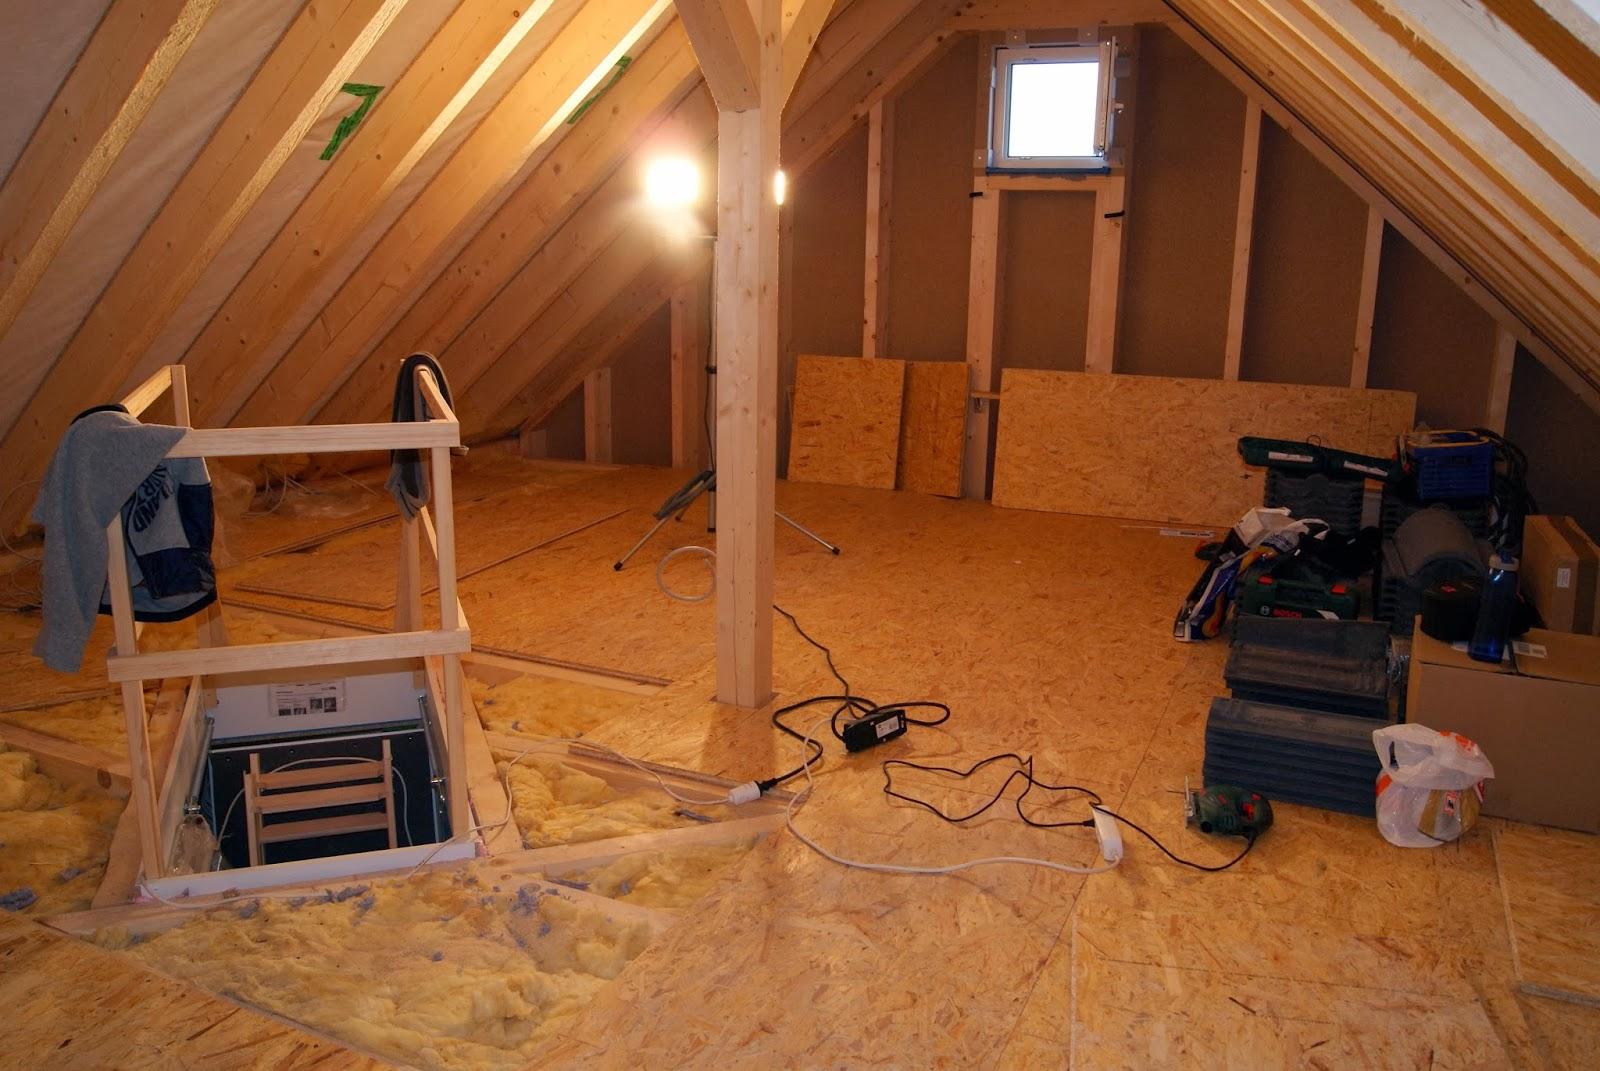 Dach Fußboden Dämmen ~ Dachboden ausbauen boden dämmen dachboden fußboden fu boden auf